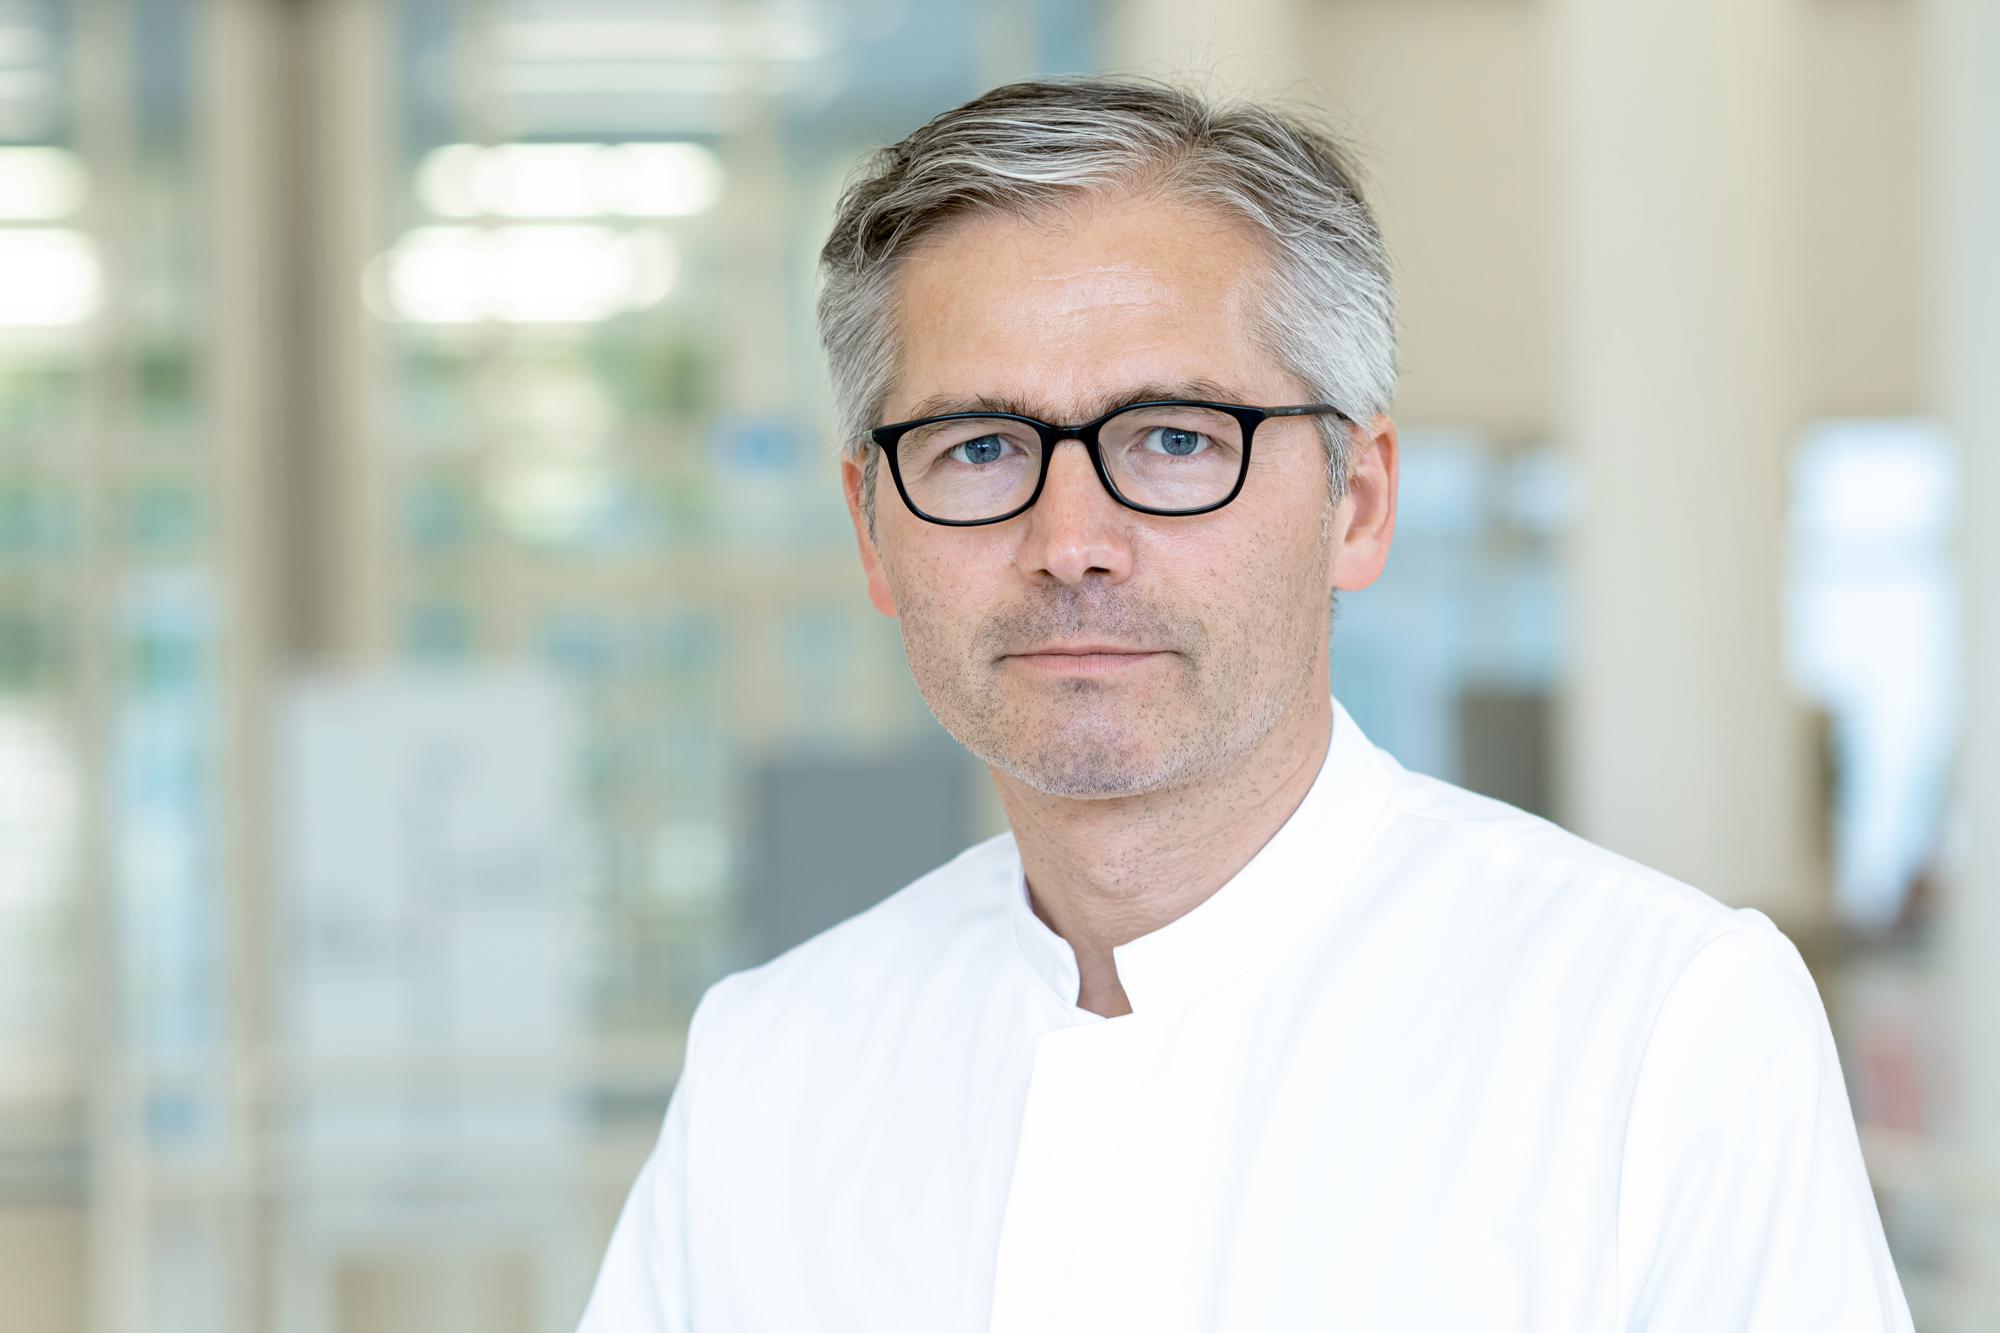 PD Dr. med. Dr. phil. Lambros Kordelas